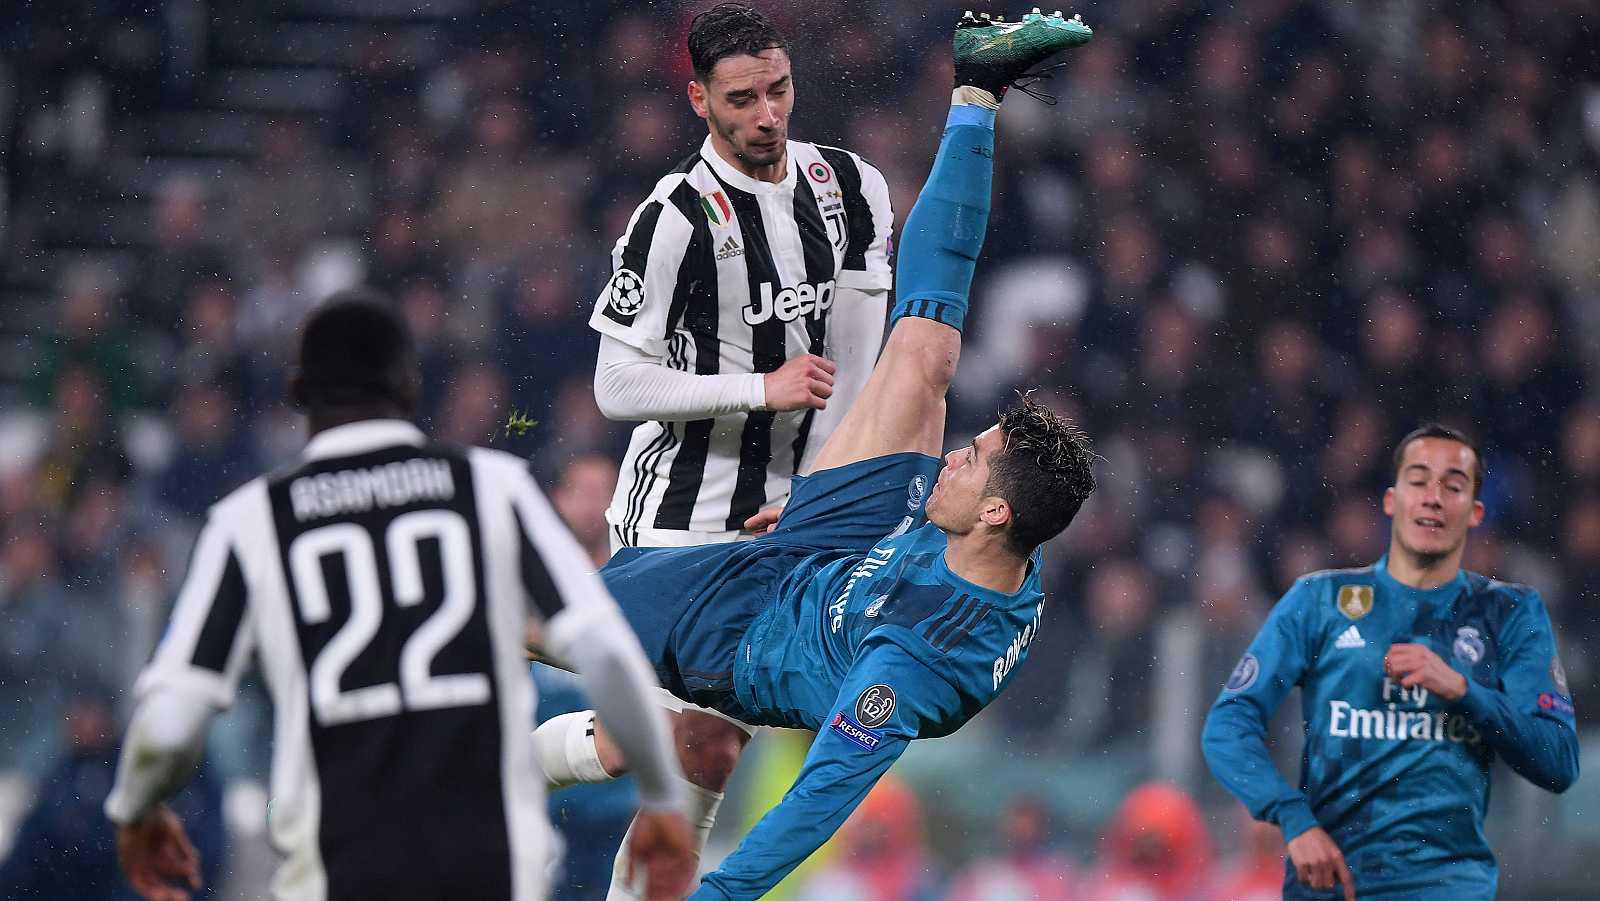 Los rumores sobre el posible fichaje de Cristiano por la Juventus de Turín han disparado los ánimos del fútbol italiano y hasta las acciones del equipo 'bianconero'.